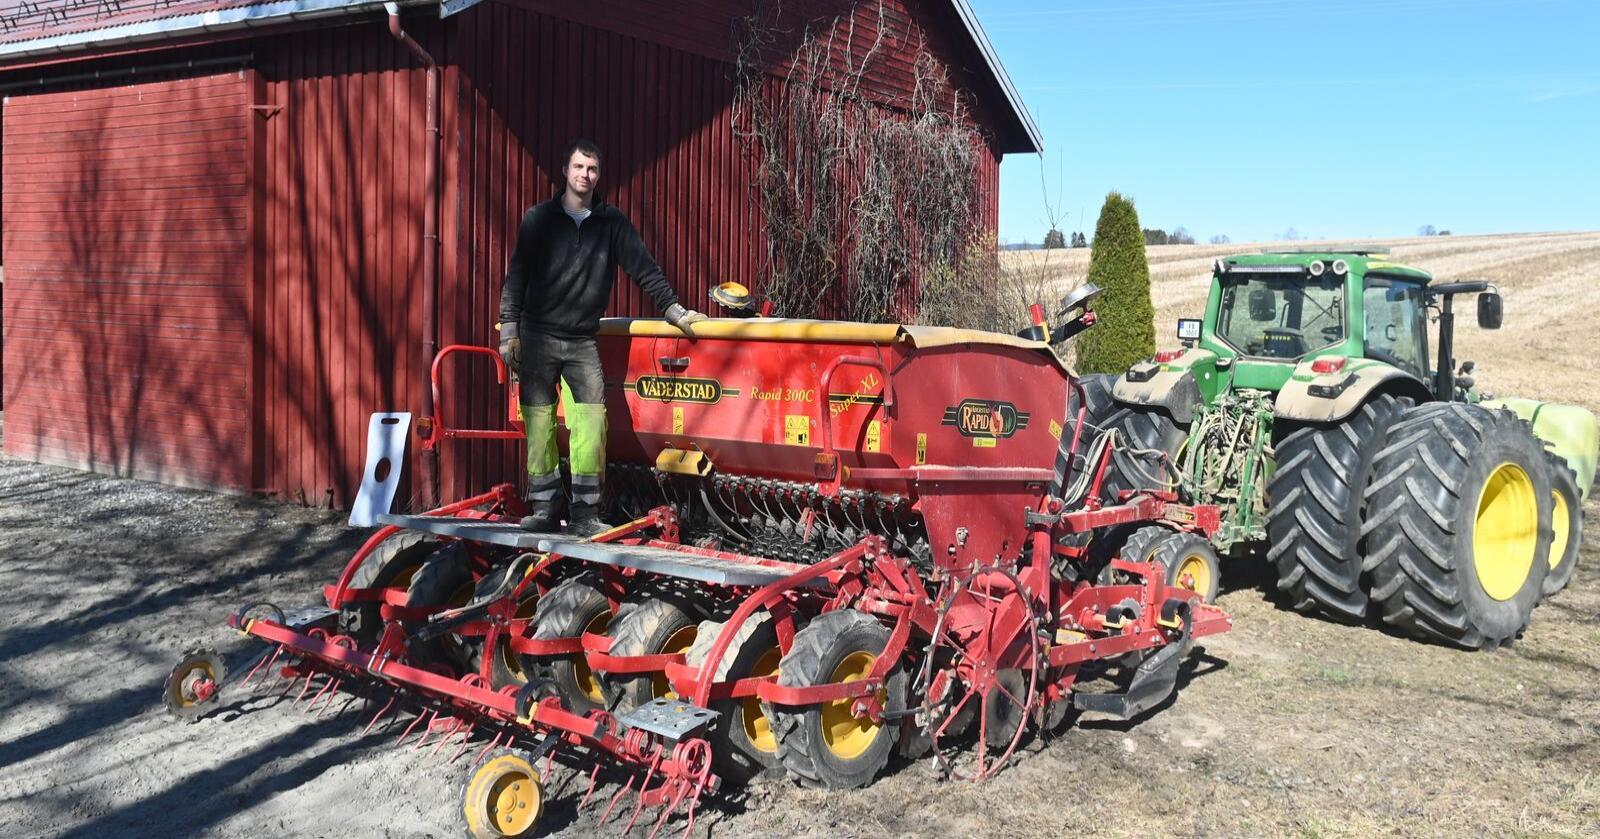 Dave Eggum har hatt optimale våronnforhold på Nes på Romerike. Han har sådd mer vårhvete enn tidligere, men ønsker seg mer regn for høstkornet som allerede er etablert. (Foto: Tommy Norum)